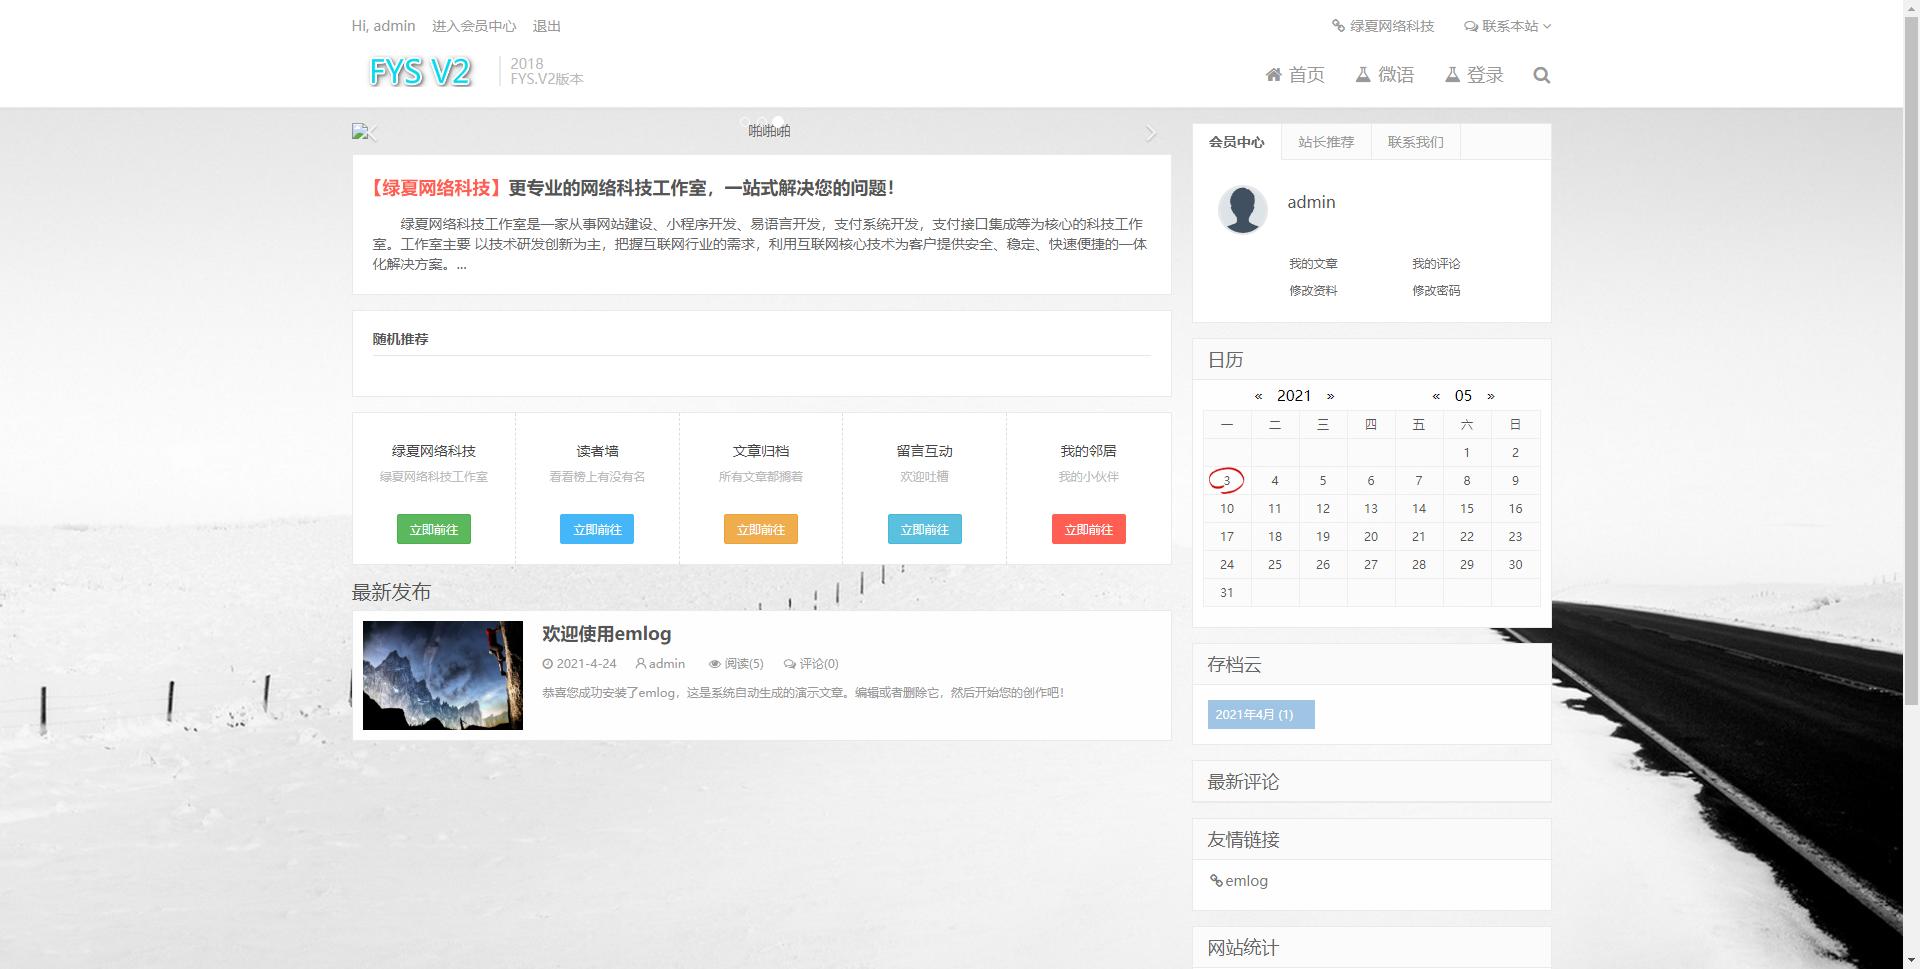 EMLOG博客FYS模板